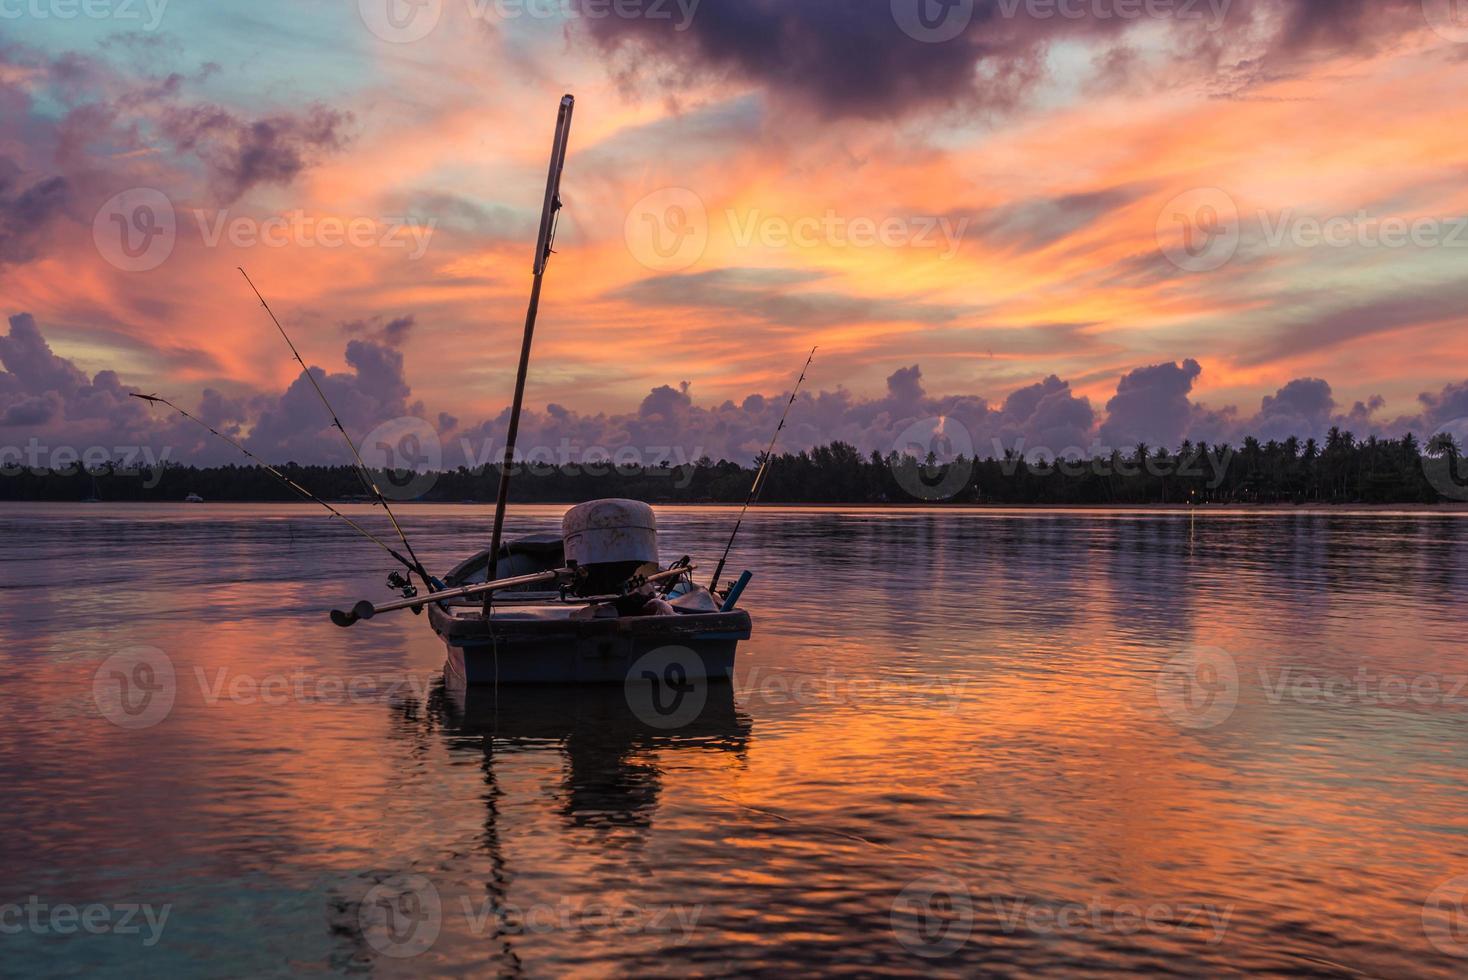 livlig morgonhimmel med flytande båt foto